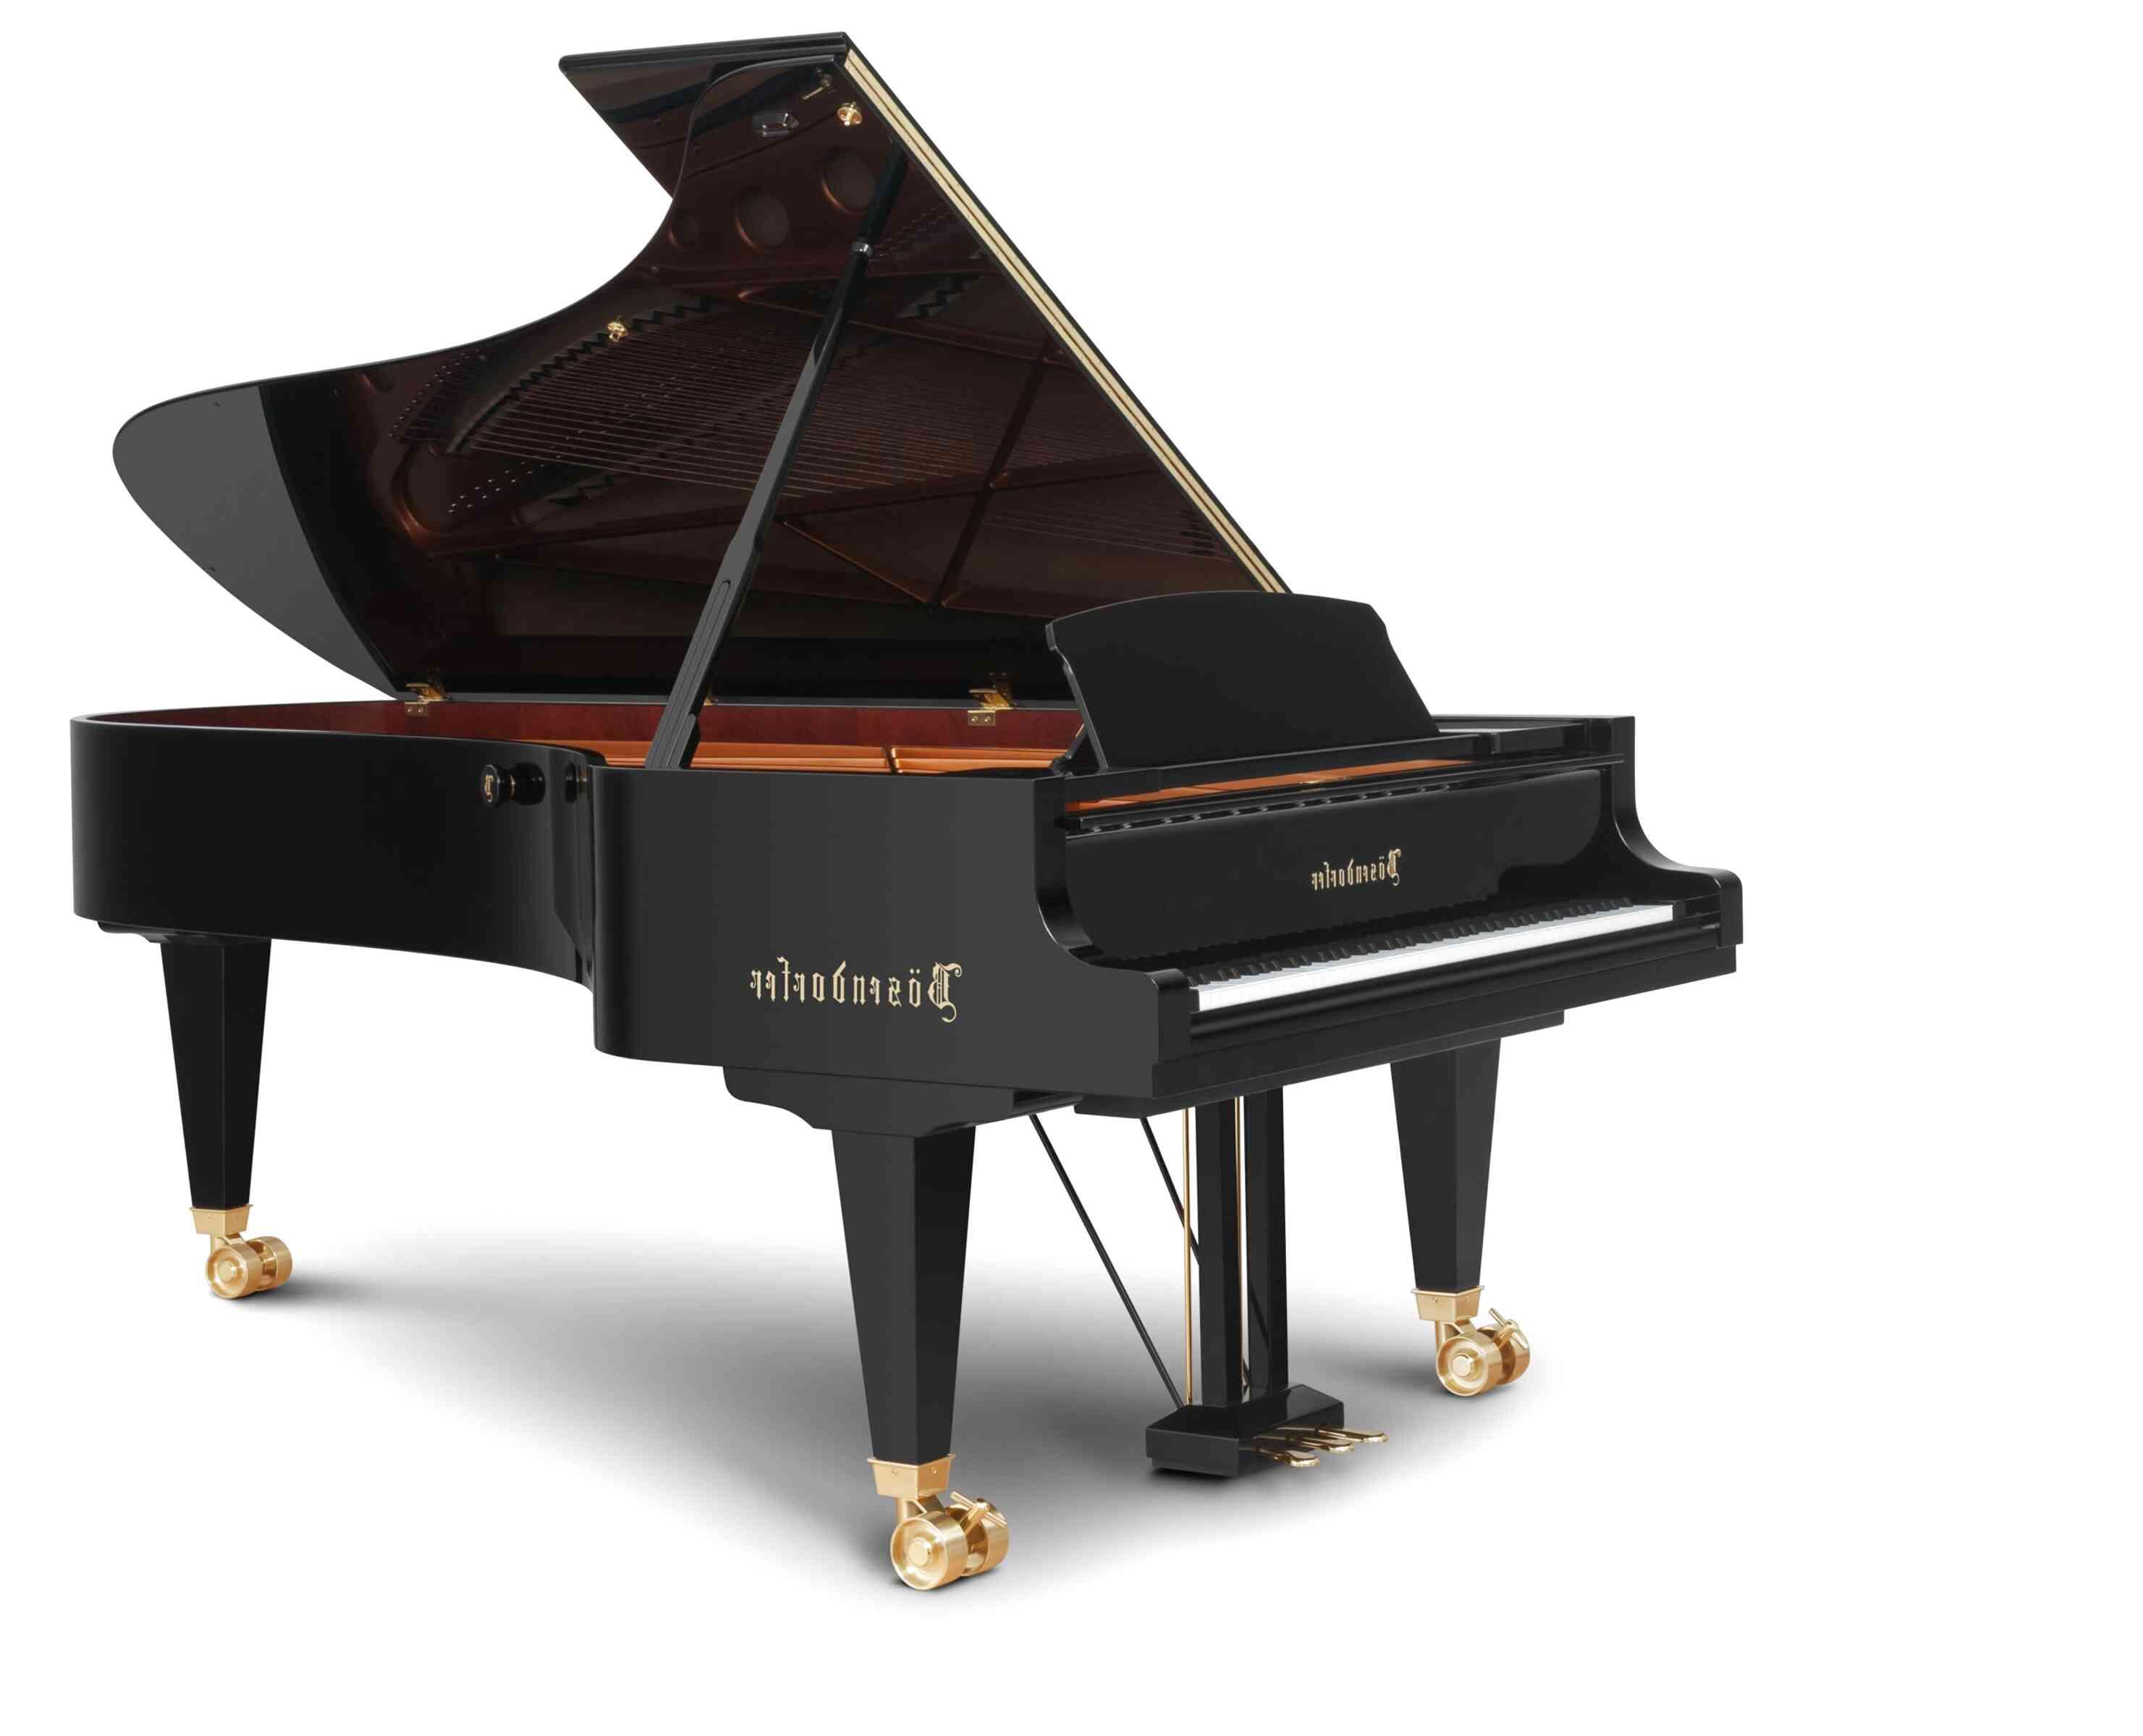 bosendorfer piano for sale